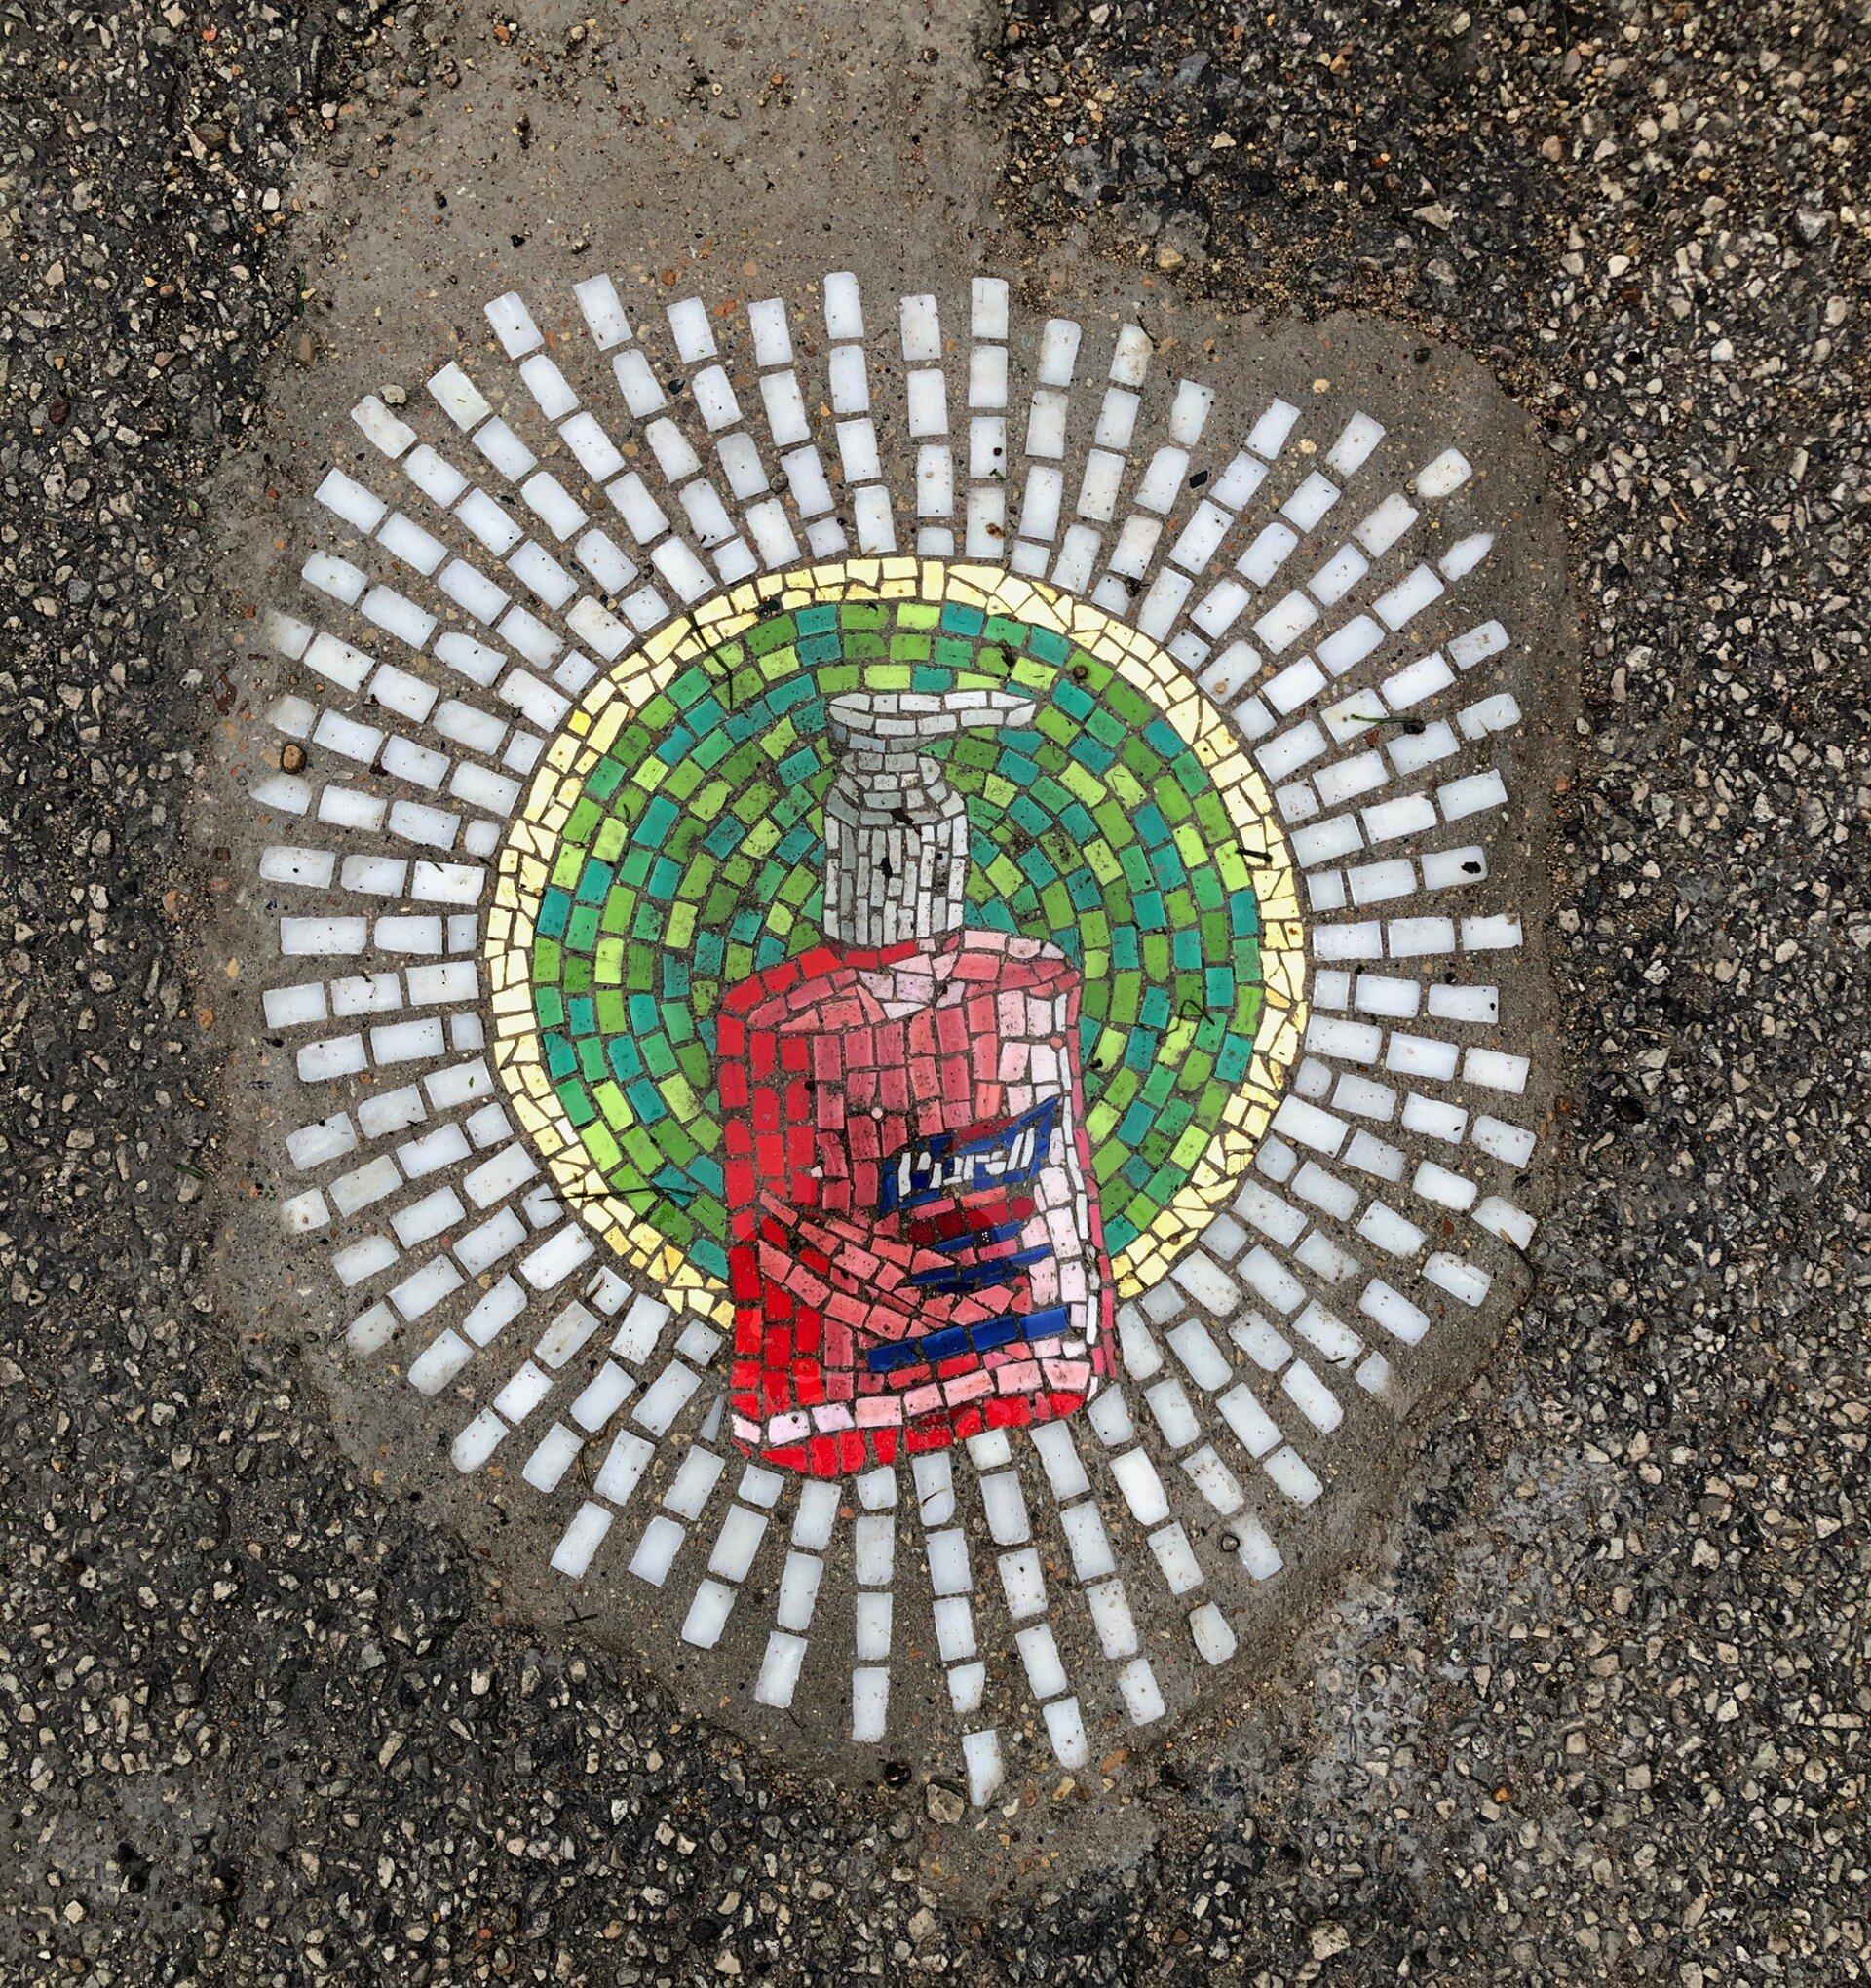 Jim Bachor fa la sua street art della buca stradale a Chicago. In versione COVID